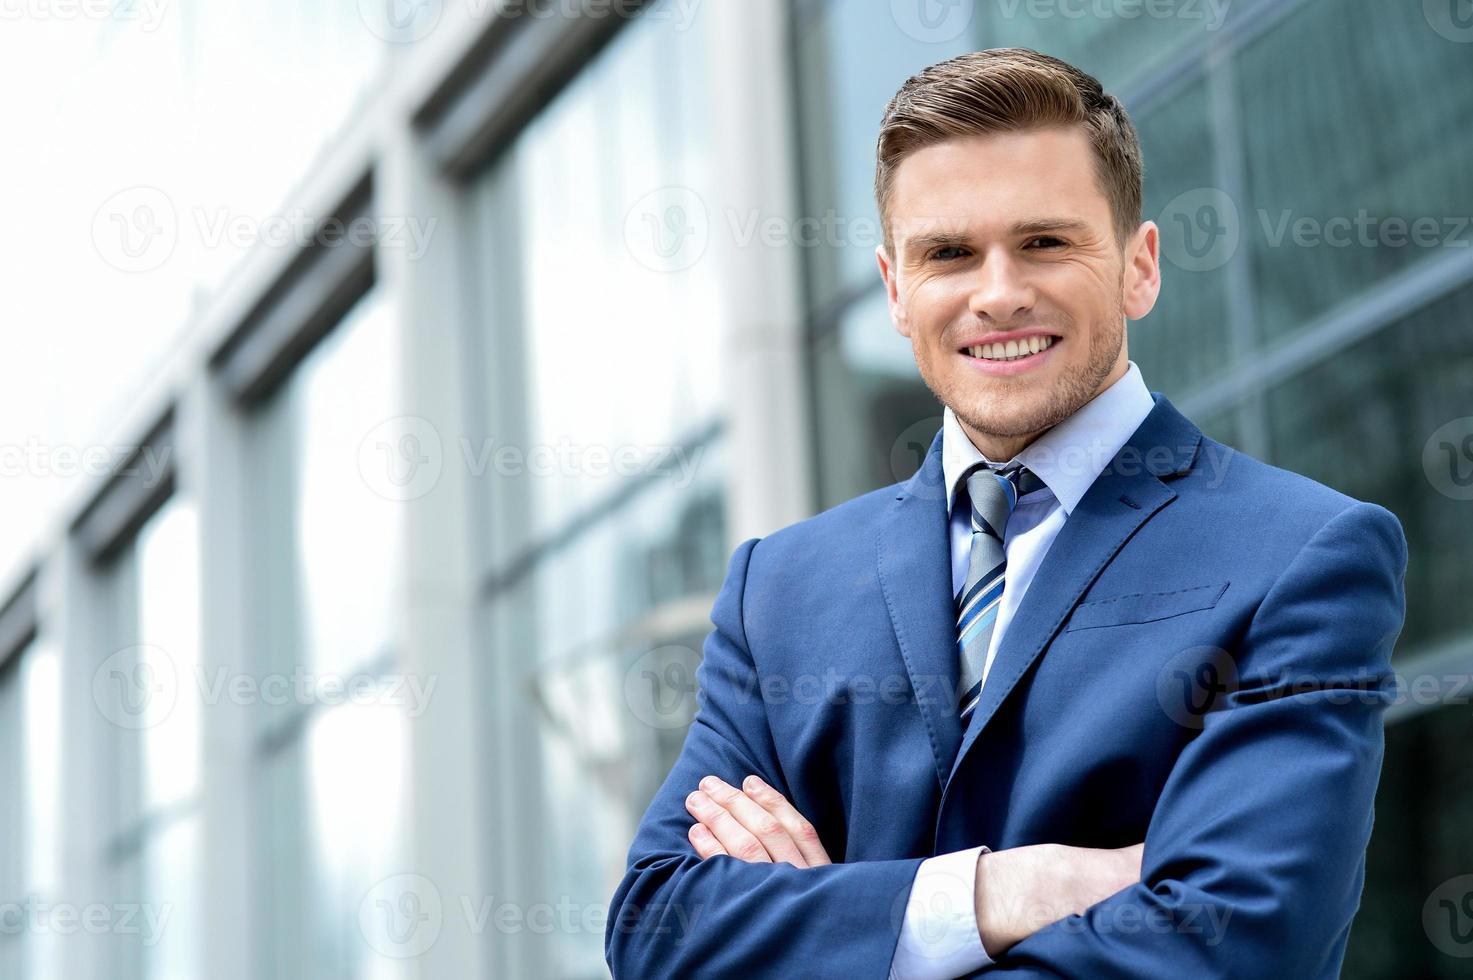 jovem empresário sorrindo em um escritório ao ar livre foto